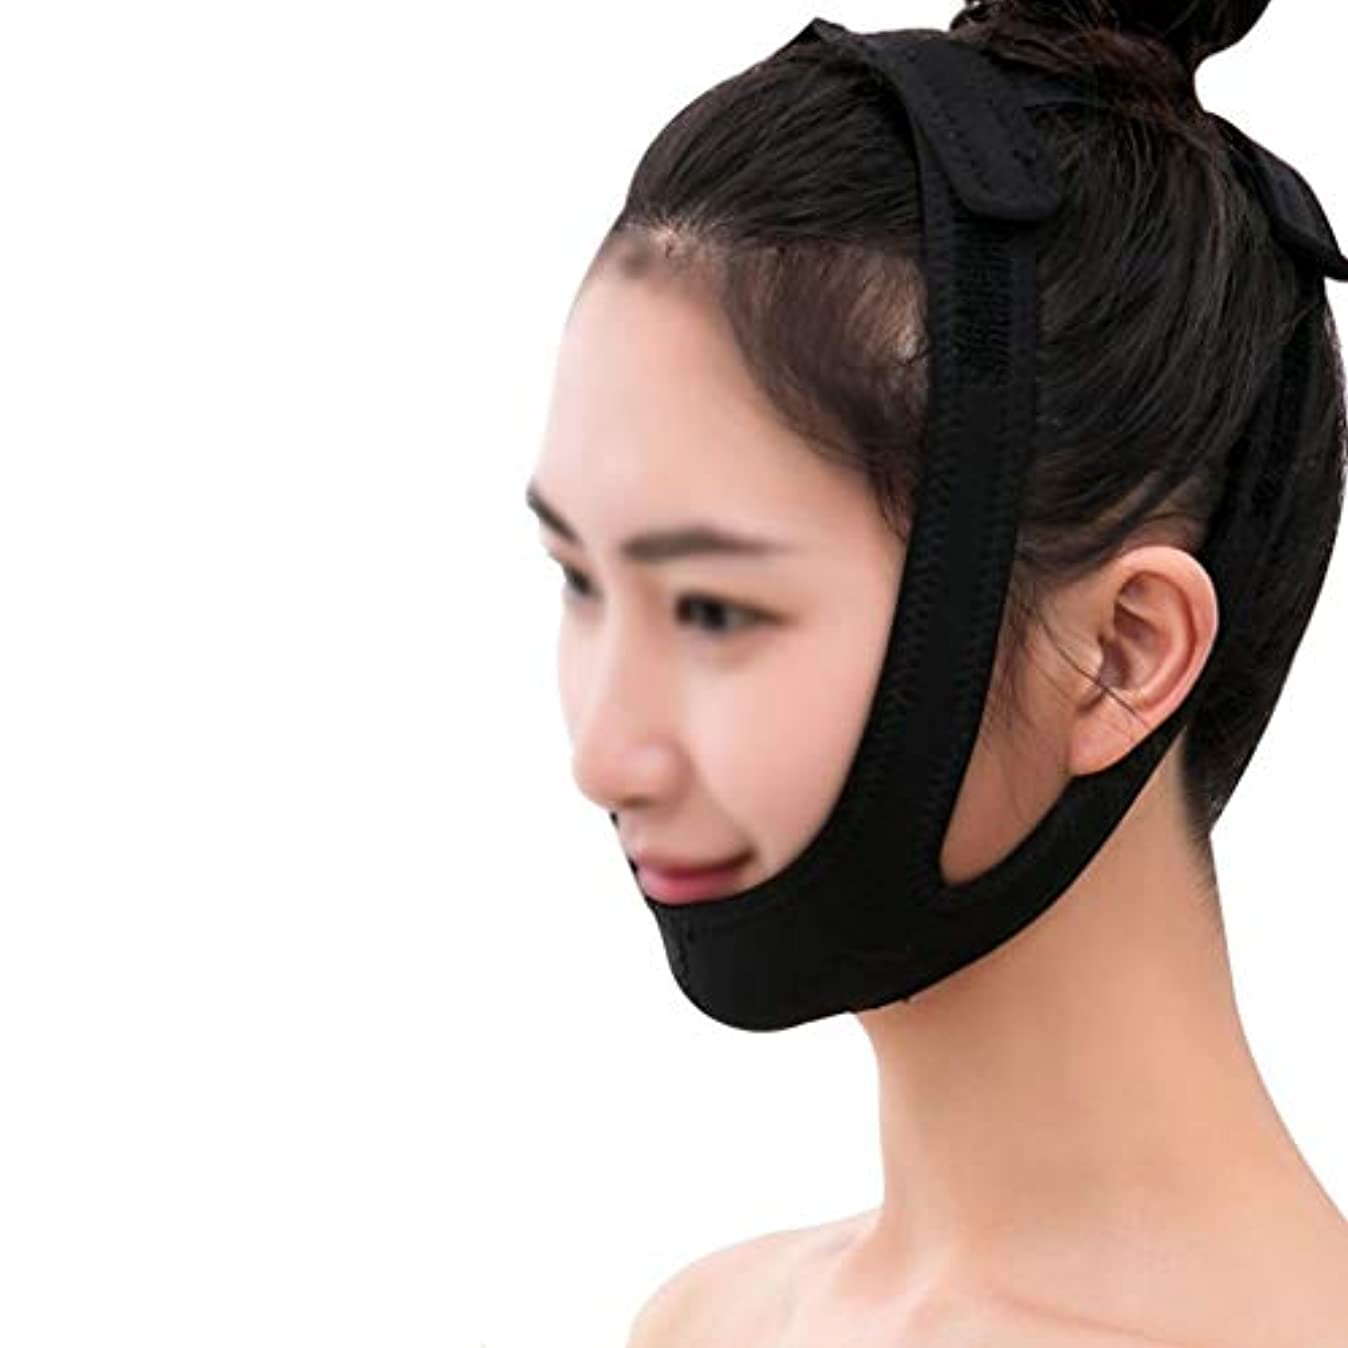 合併症コック収入XHLMRMJ フェイシャルリフティングマスク、医療用ワイヤーカービングリカバリーヘッドギアVフェイスバンデージダブルチンフェイスリフトマスクブラック